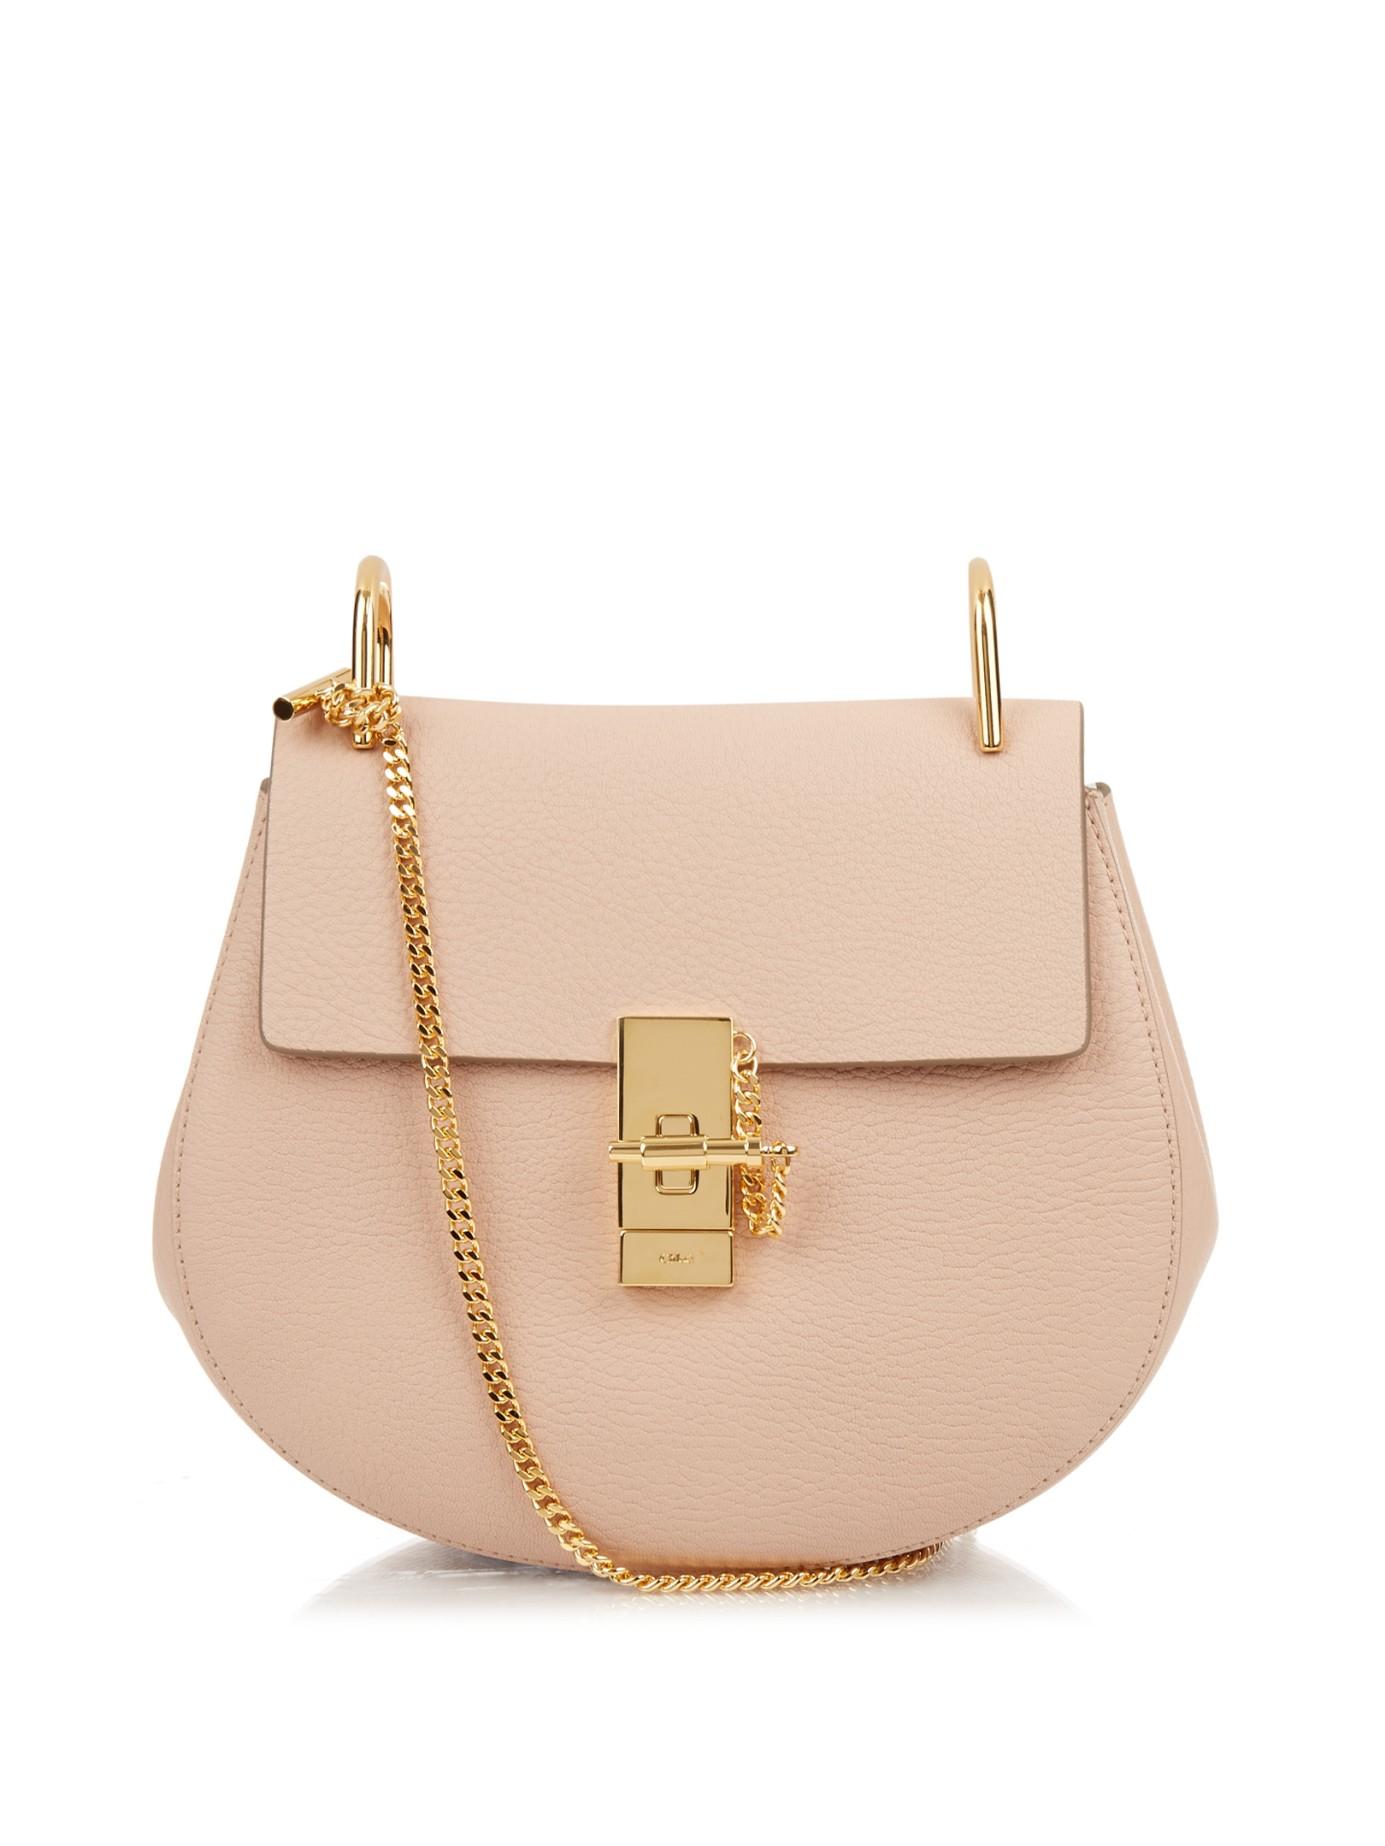 chlo drew small leather shoulder bag in pink light pink. Black Bedroom Furniture Sets. Home Design Ideas